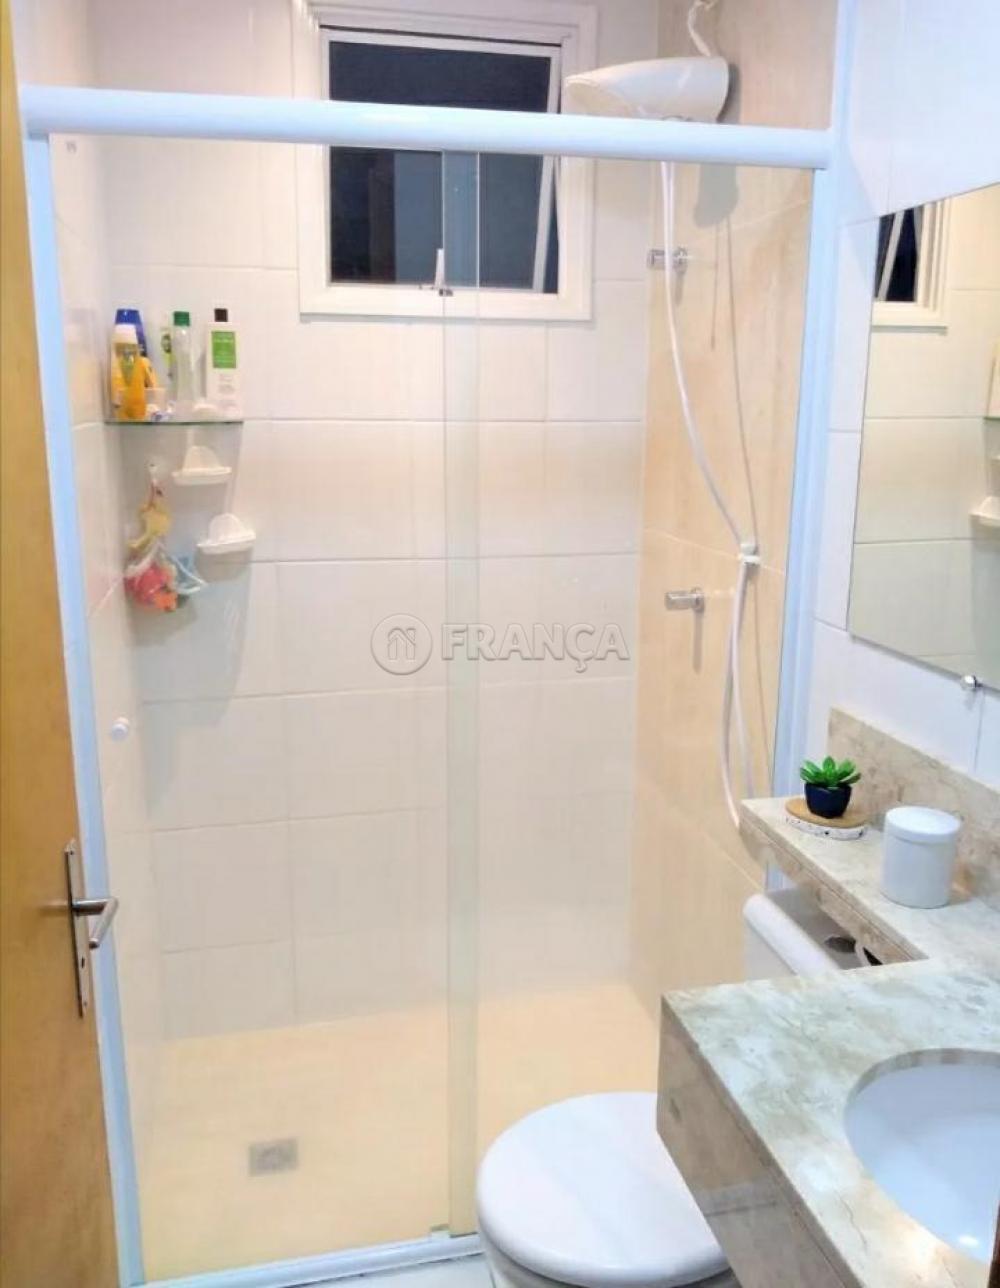 Comprar Apartamento / Padrão em São José dos Campos apenas R$ 180.200,00 - Foto 12